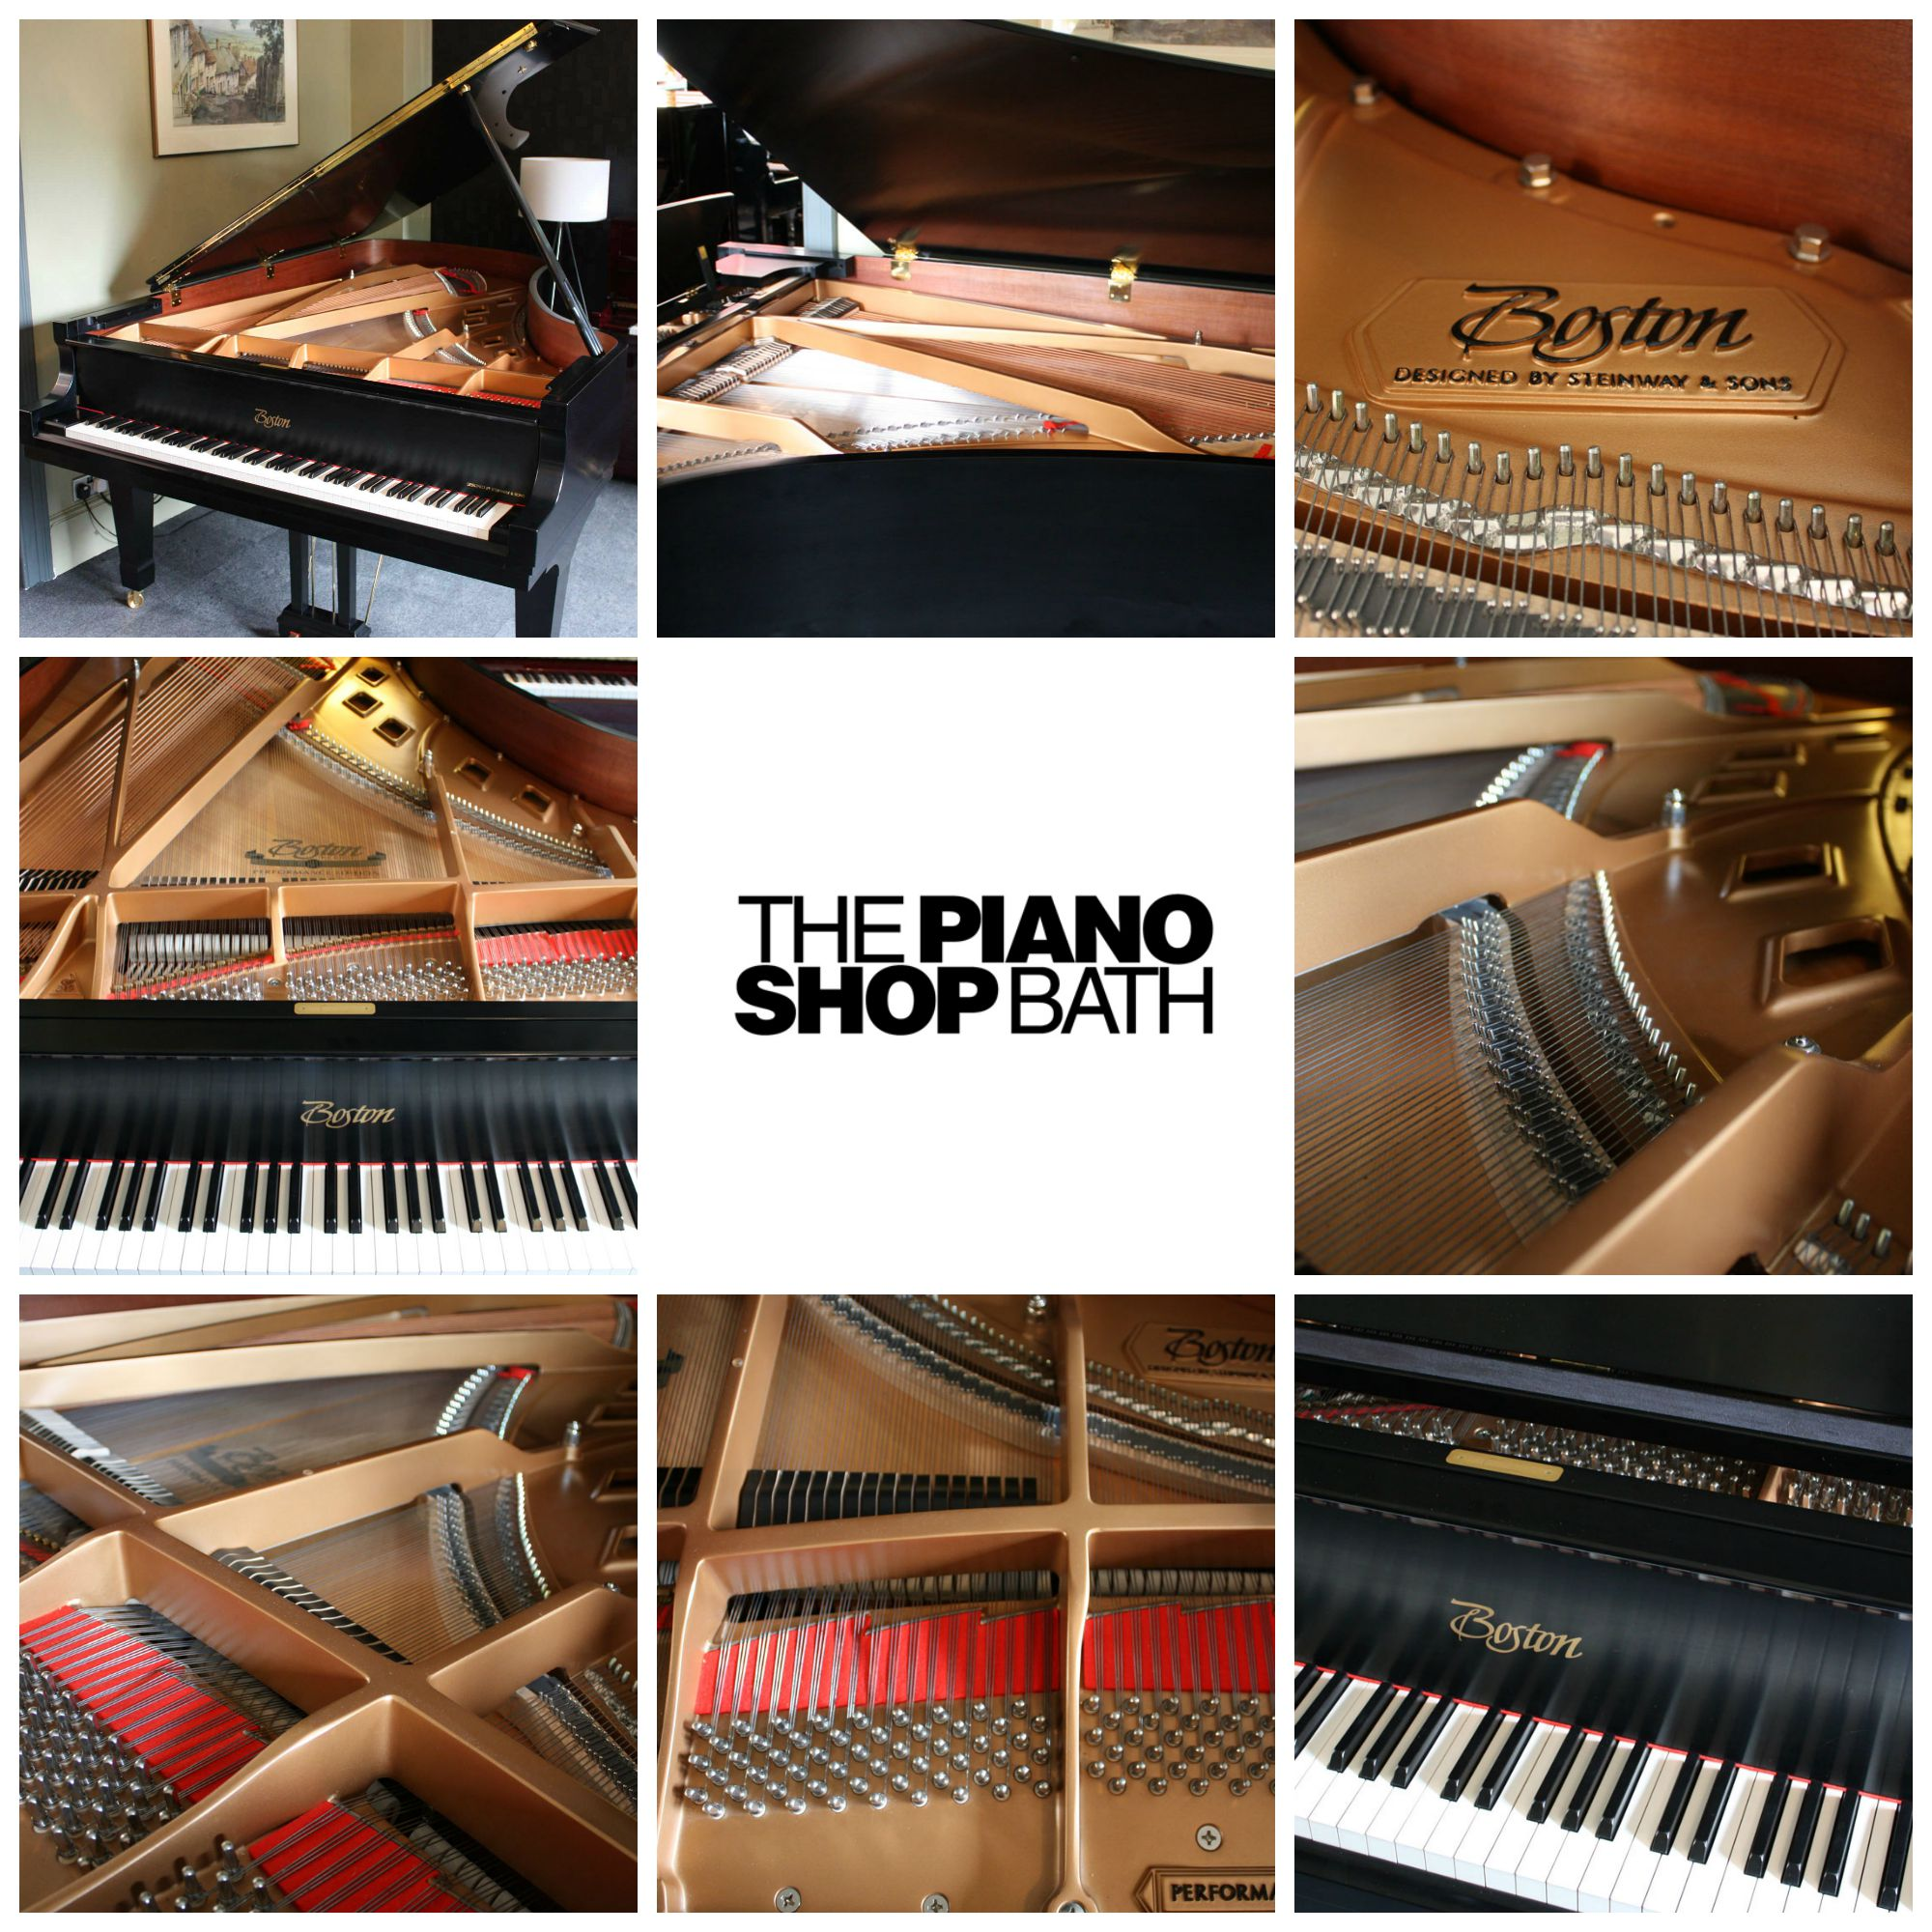 Steinway Boston Grand Piano | The Piano Shop Bath